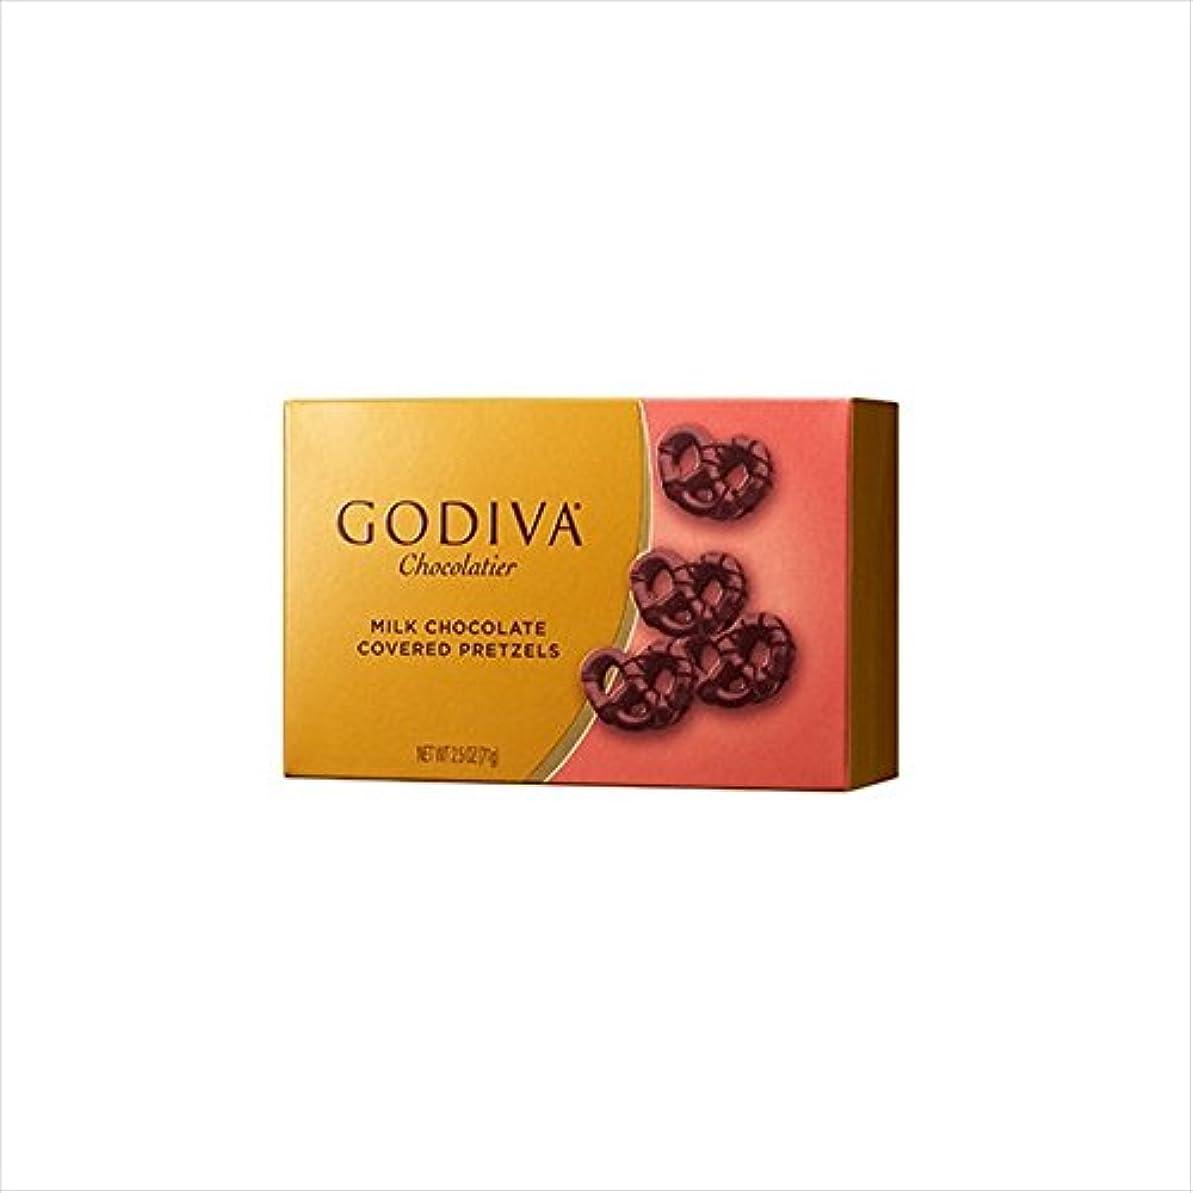 非効率的な眠いです絡まるゴディバ (GODIVA) チョコレート ミニプレッツェル